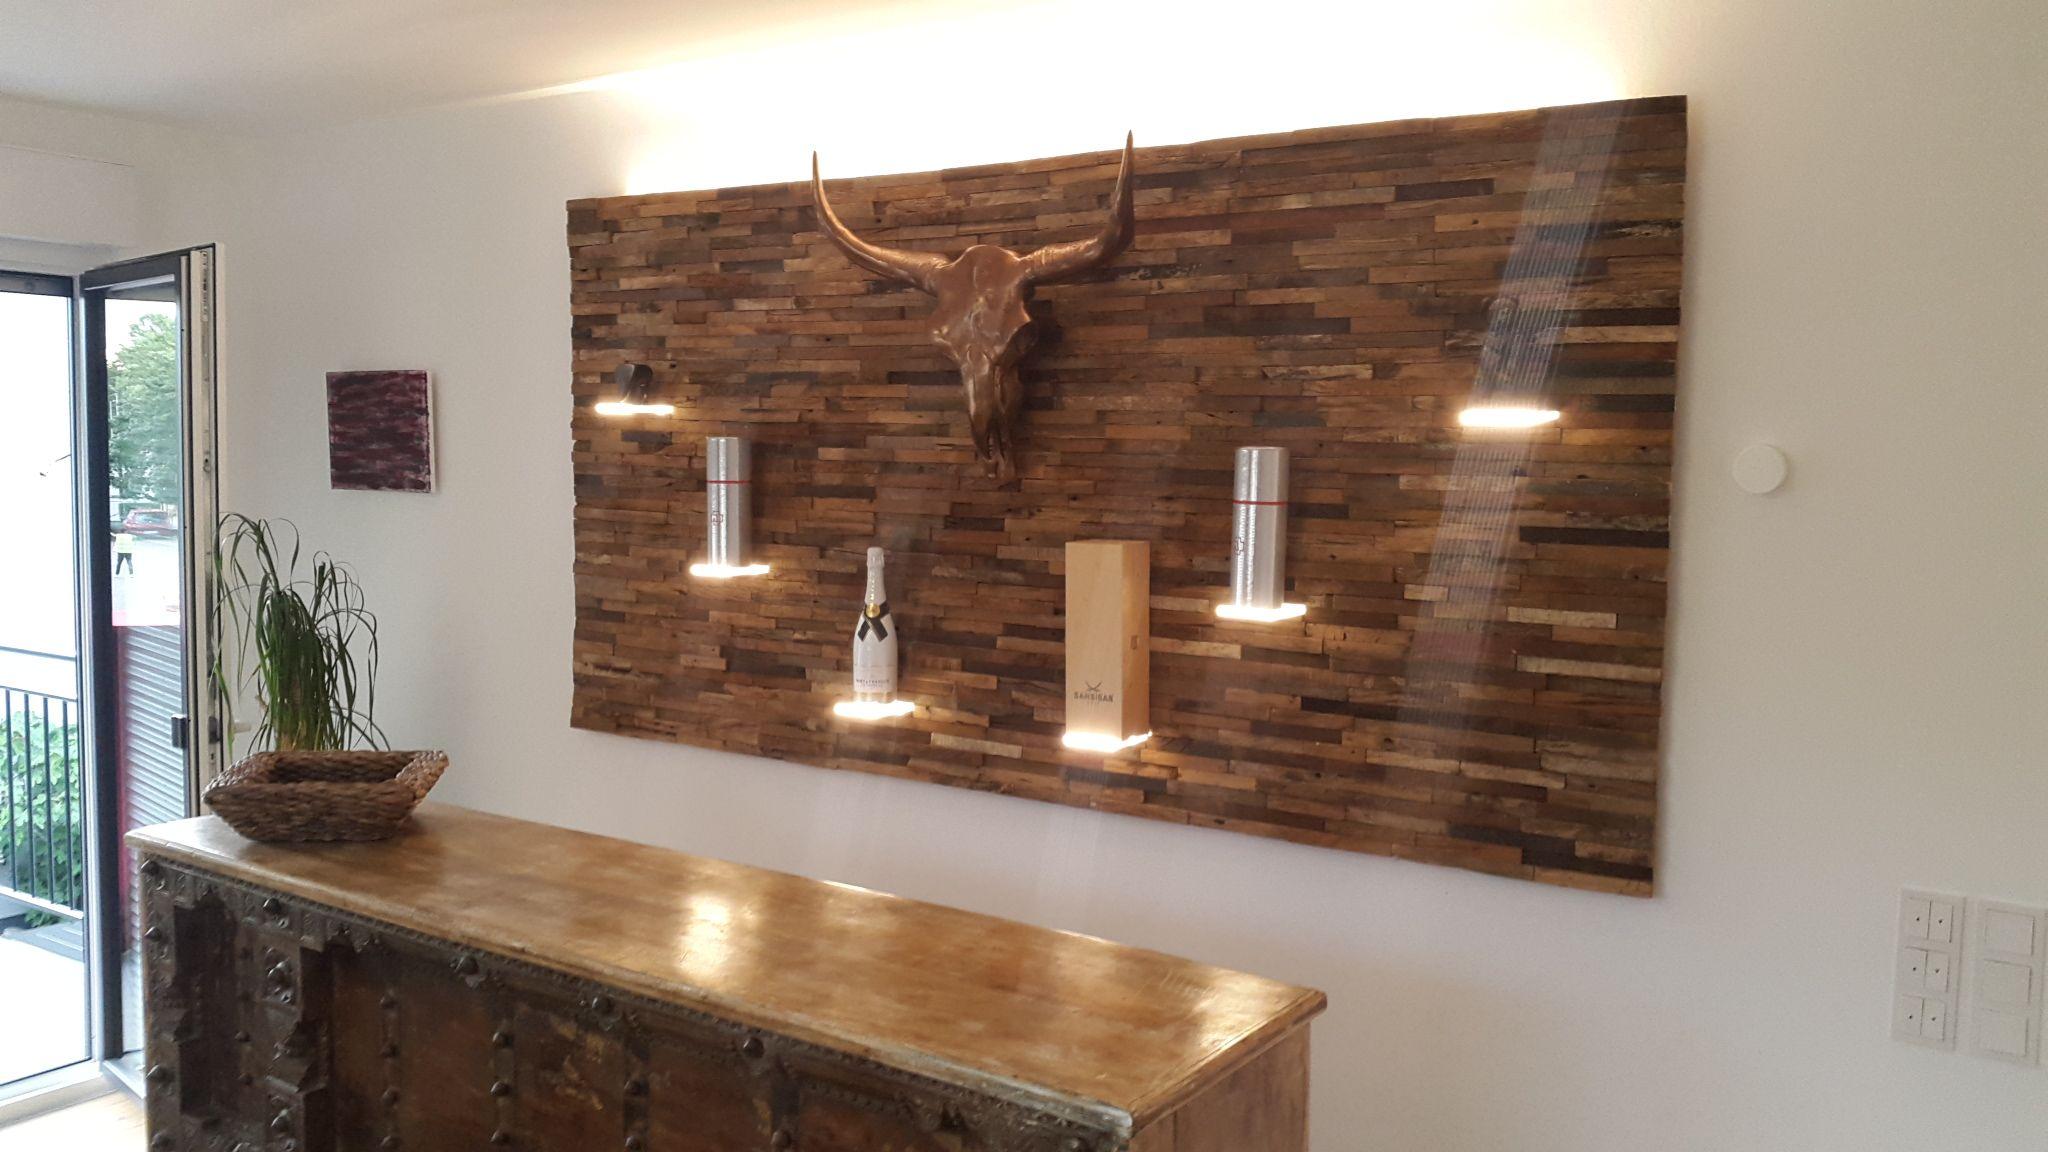 Spaltholzwand Mit Beleuchtete Plexiglas Boden Innenarchitektur Innenausbau Gastronomieeinrichtung